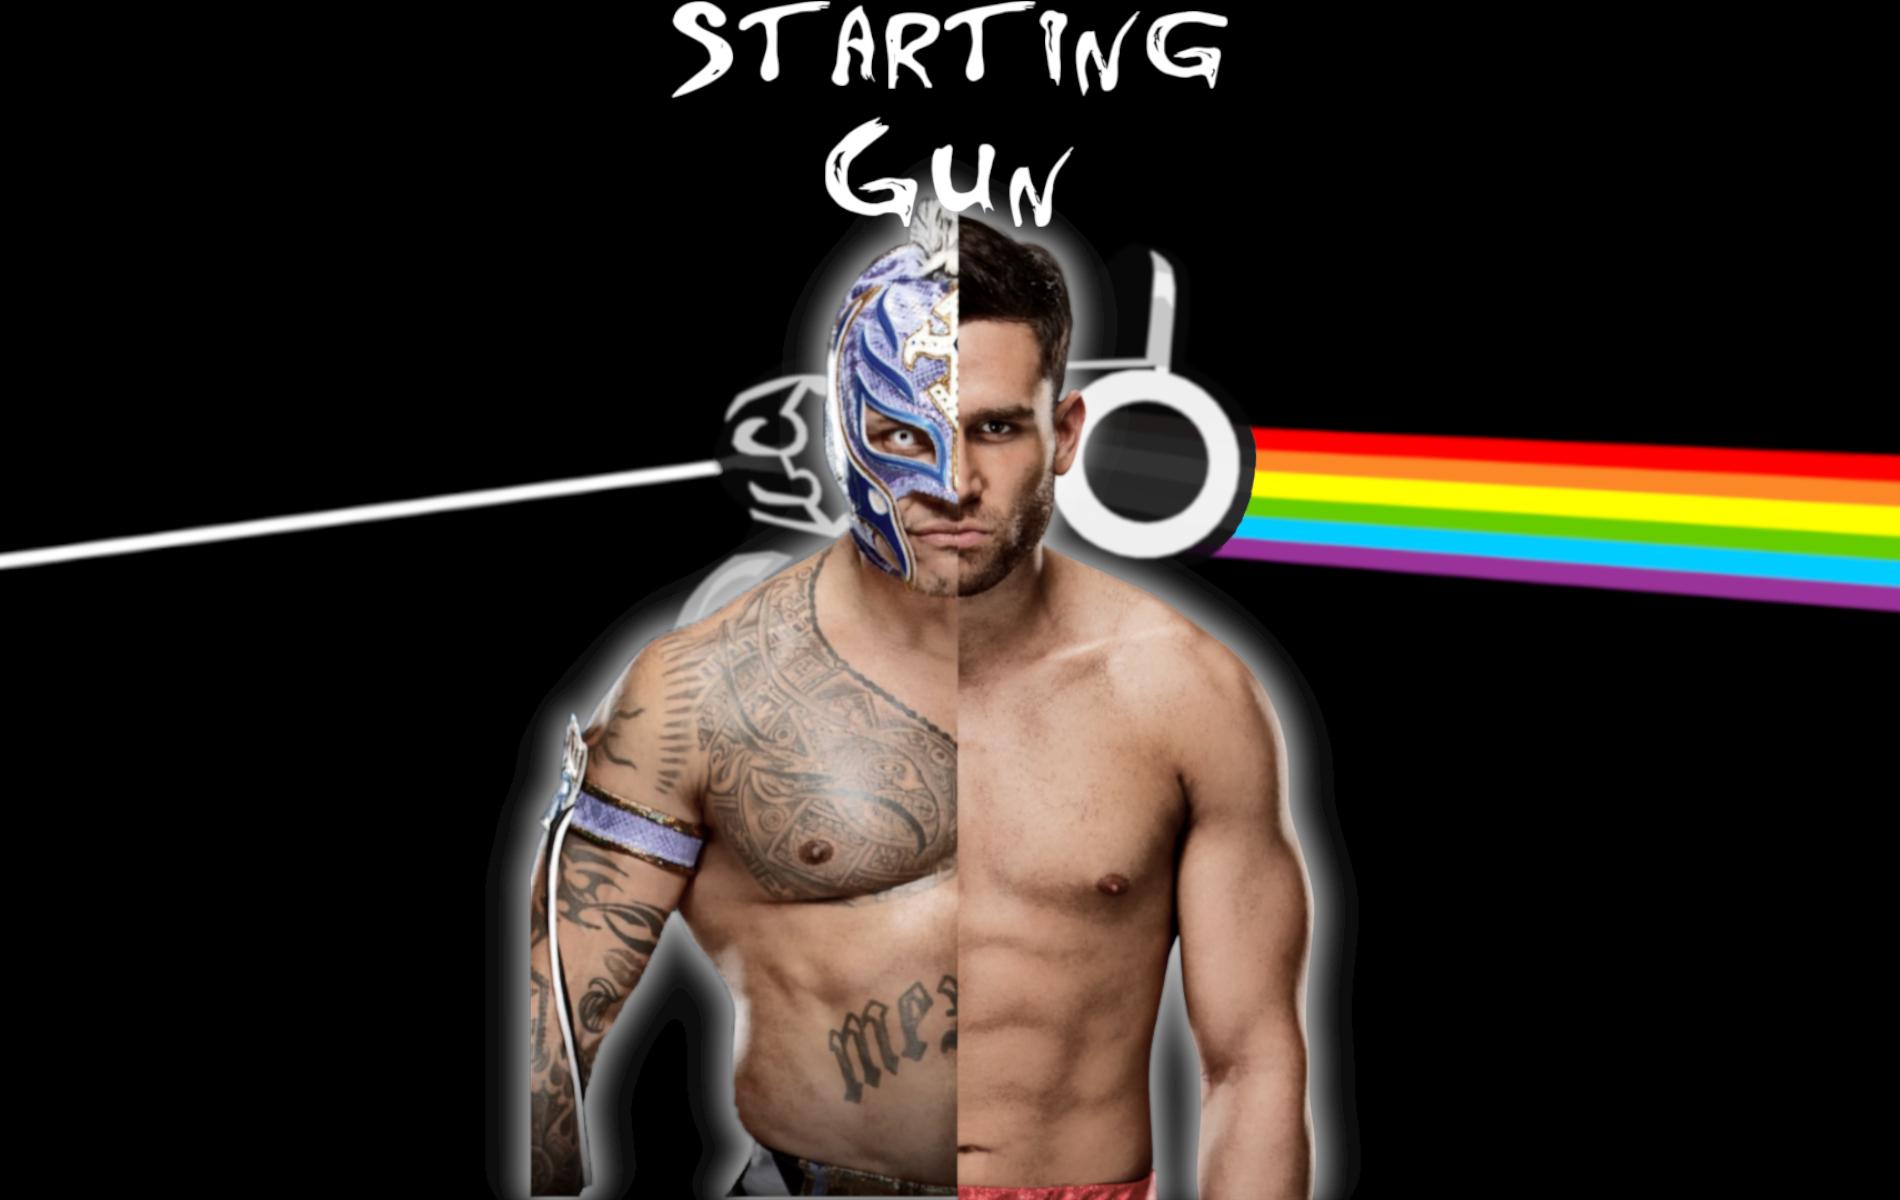 BWU Starting Gun